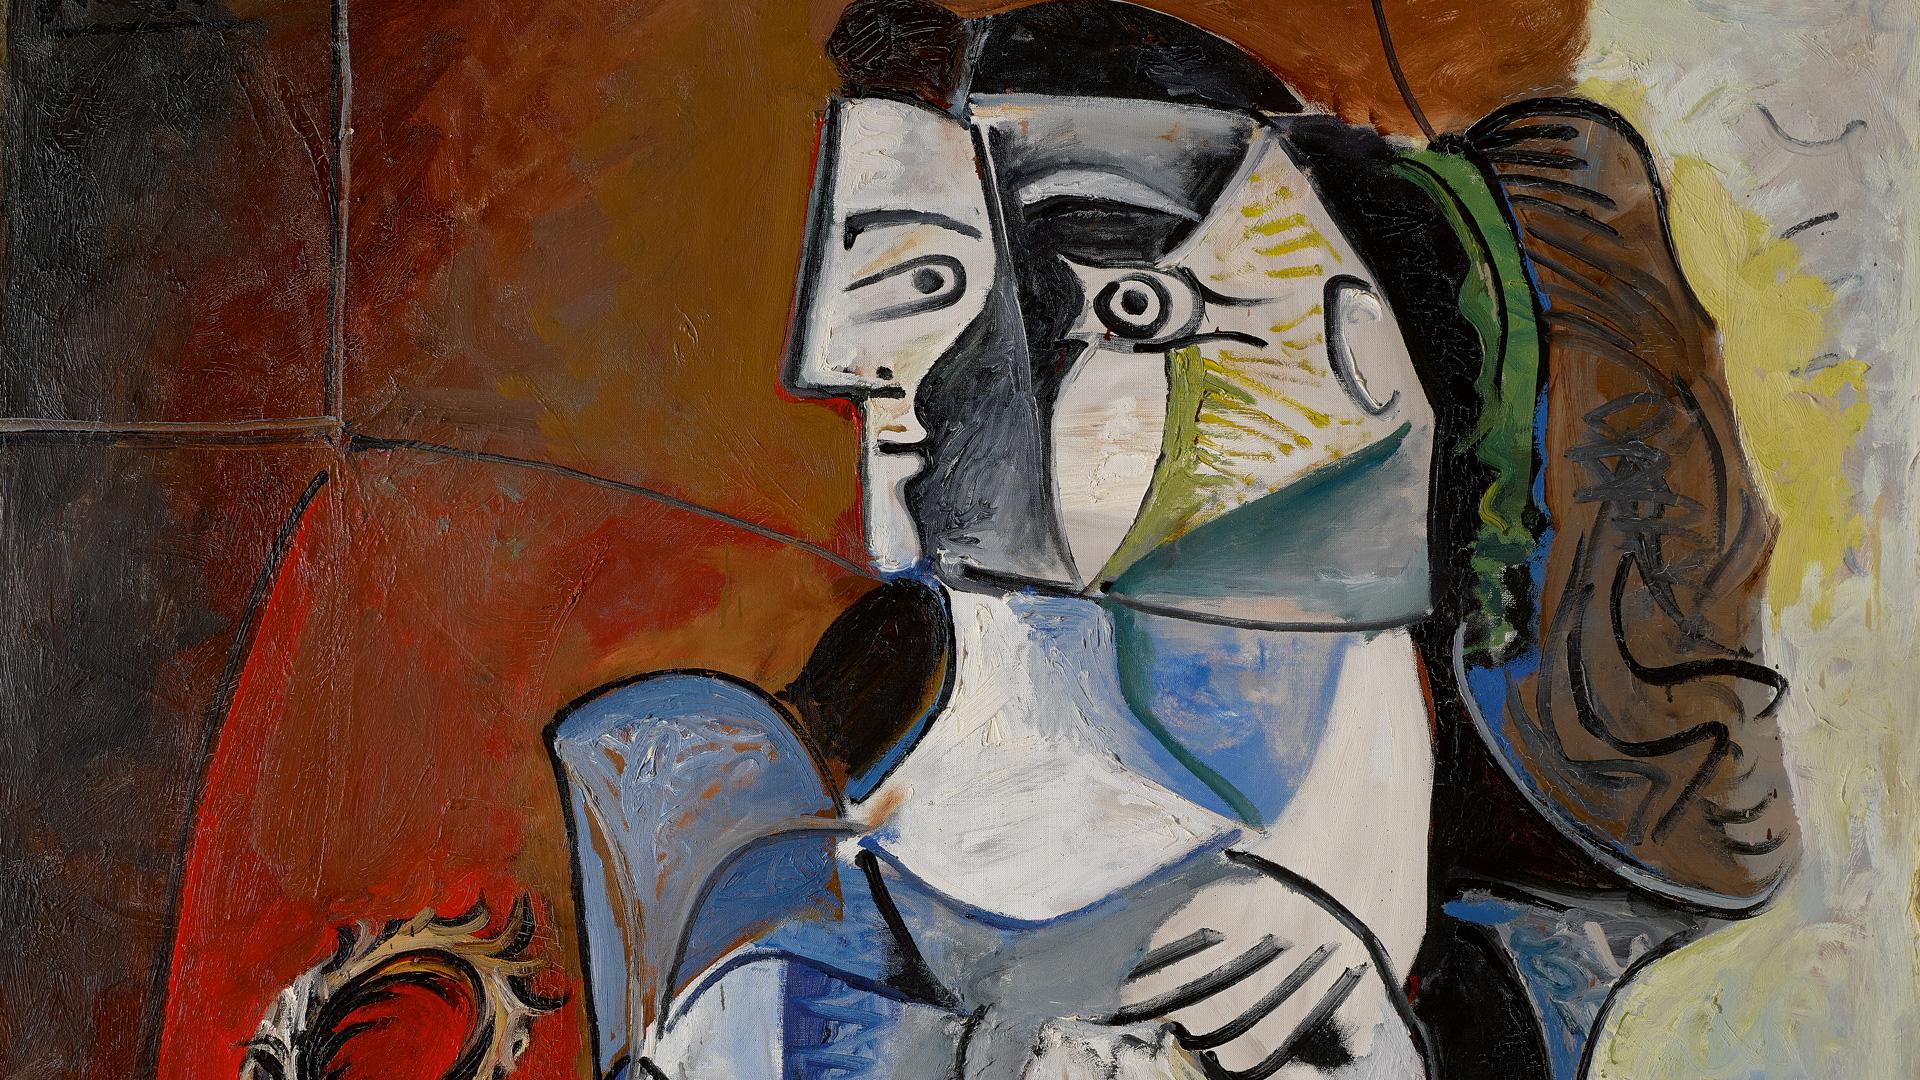 Picassos idealized portrait of his final muse expert voices sothebys